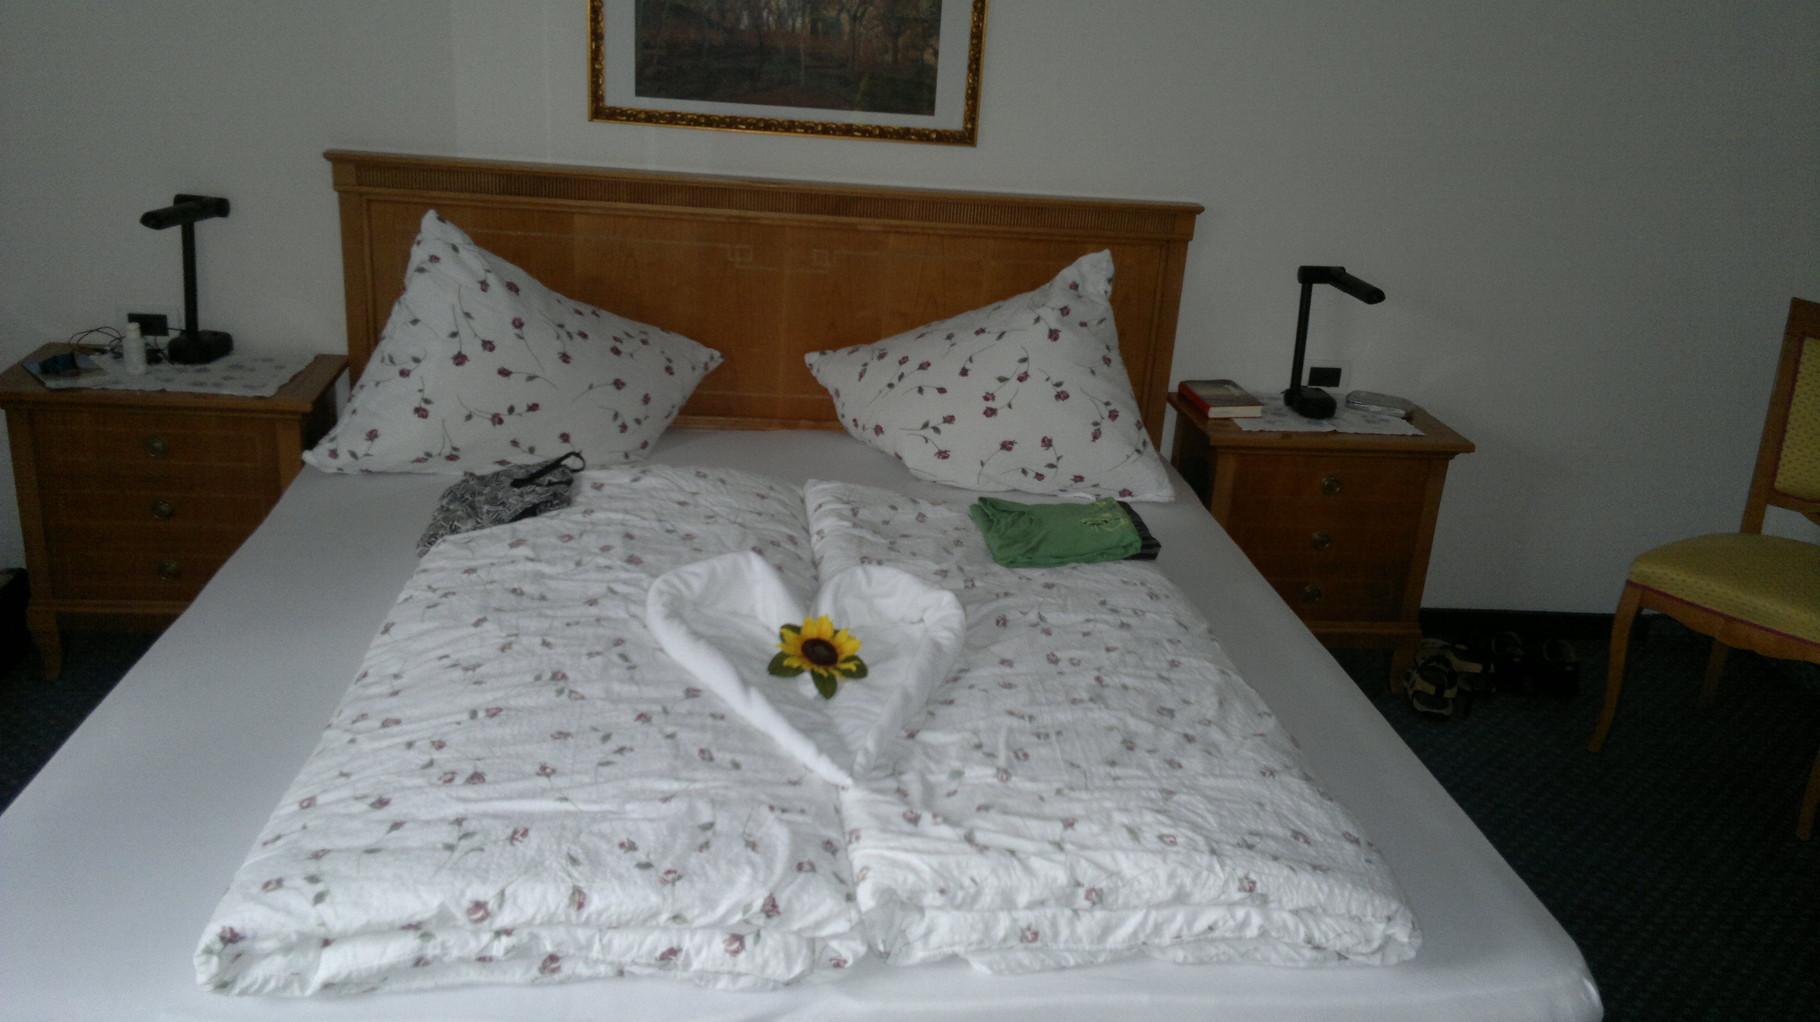 nettes Familienhotel mit täglich neuer Handtuchkunst